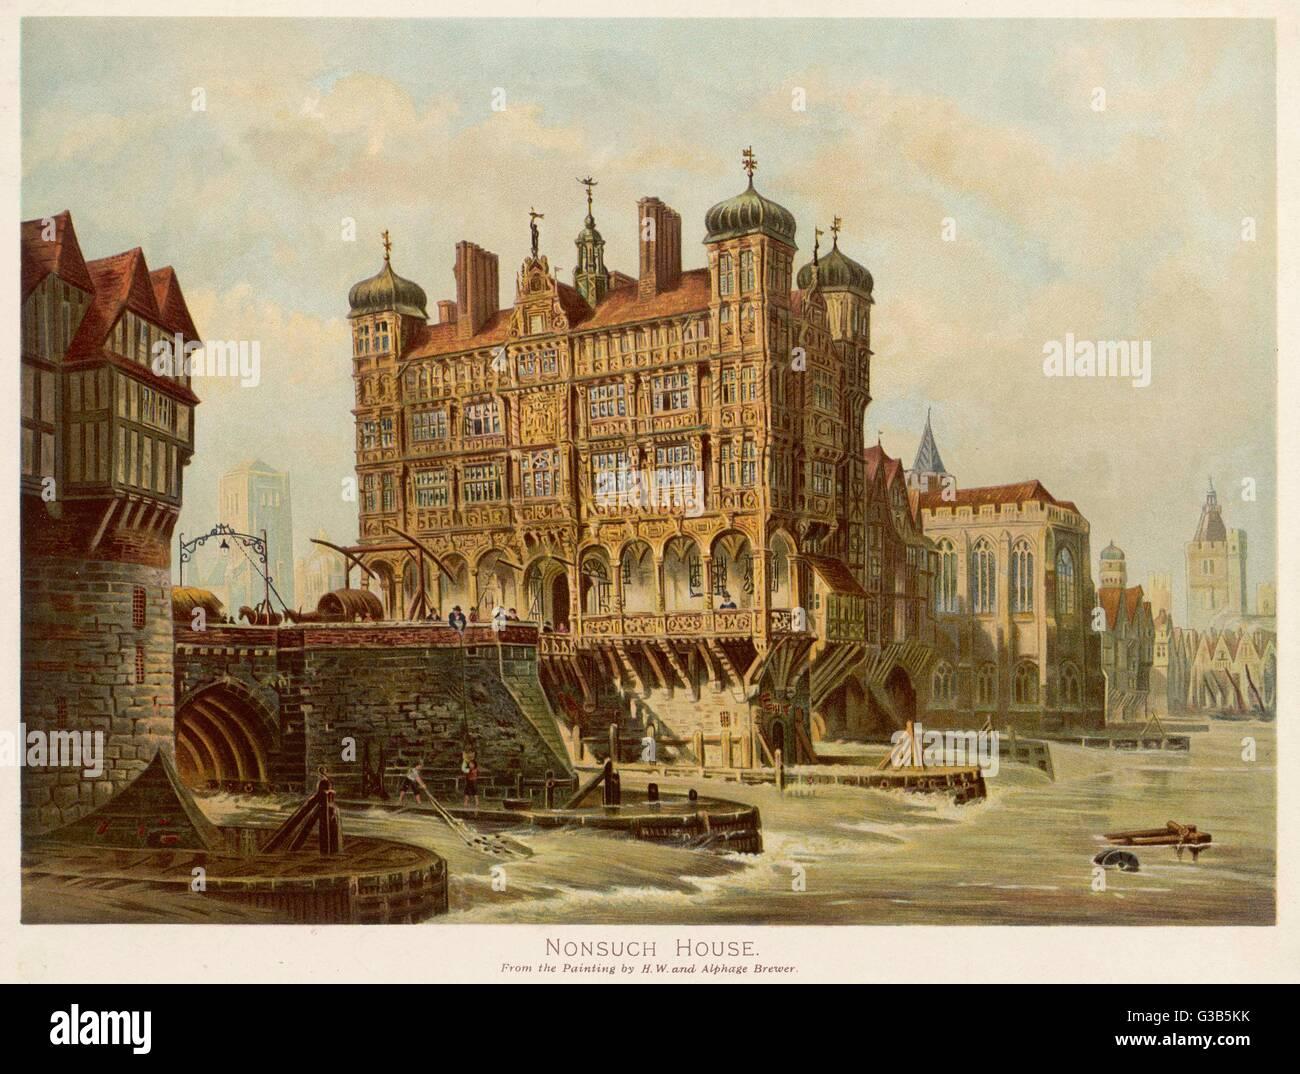 London Bridge mit Nonsuch House, als es sah, im 17. Jahrhundert Datum: 17. Jahrhundert Stockfoto